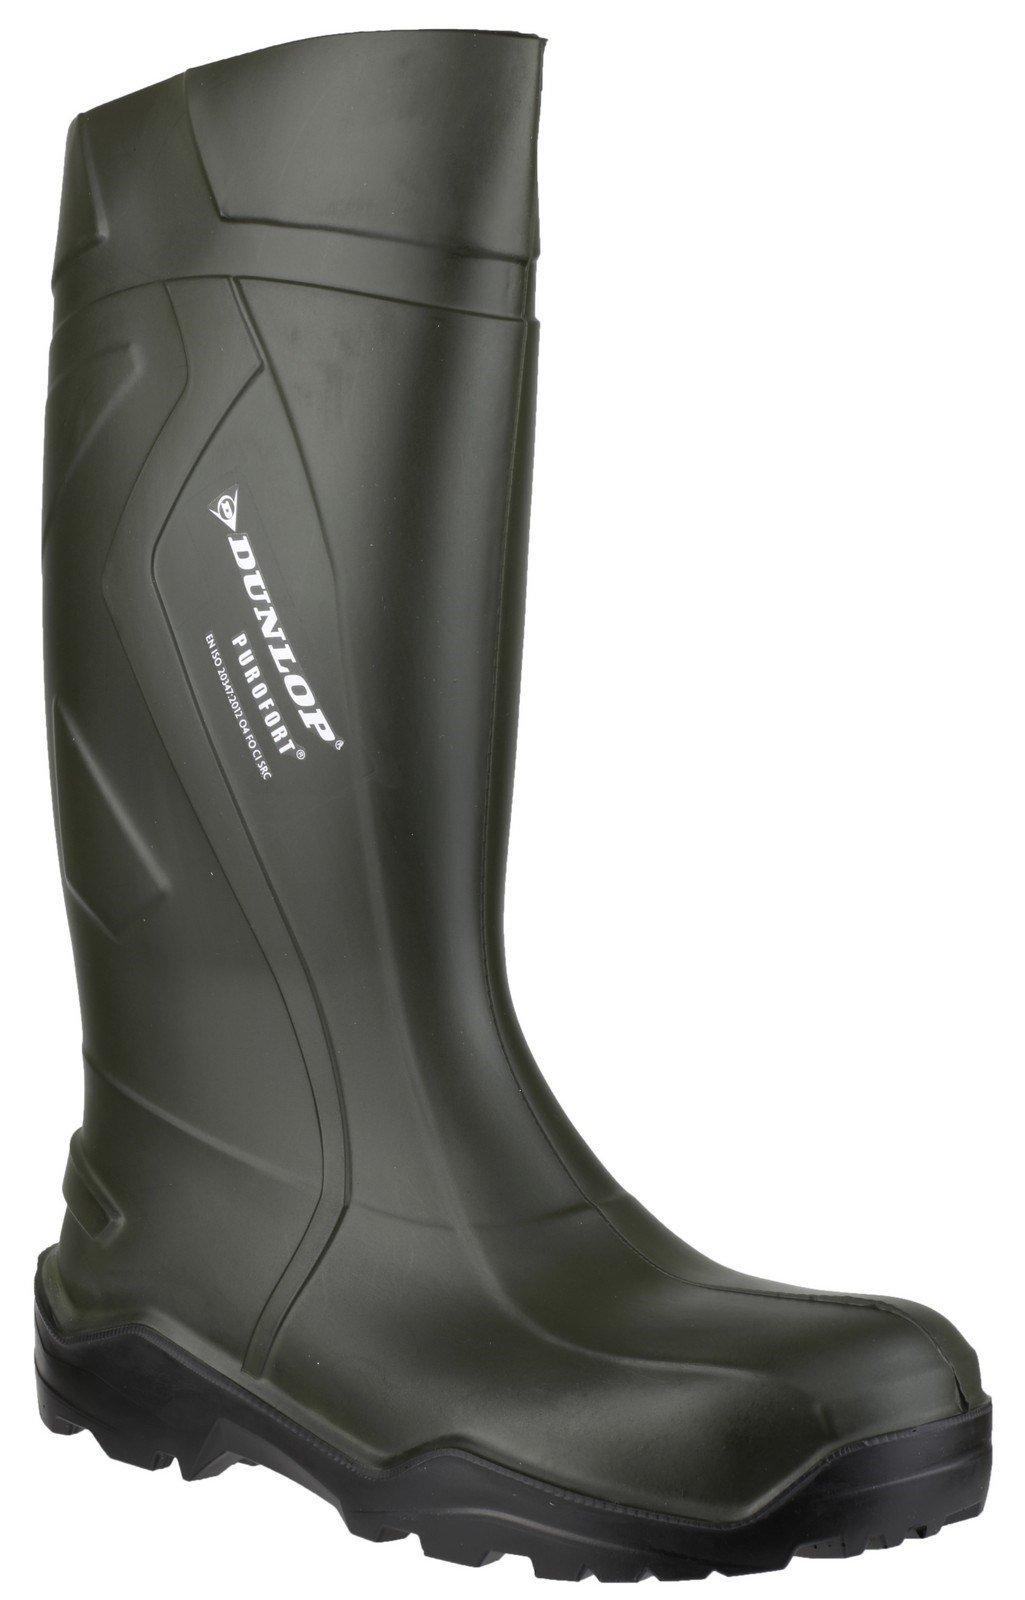 Dunlop Women's Purofort+ Wellington Boot Green 20224 - Green 3